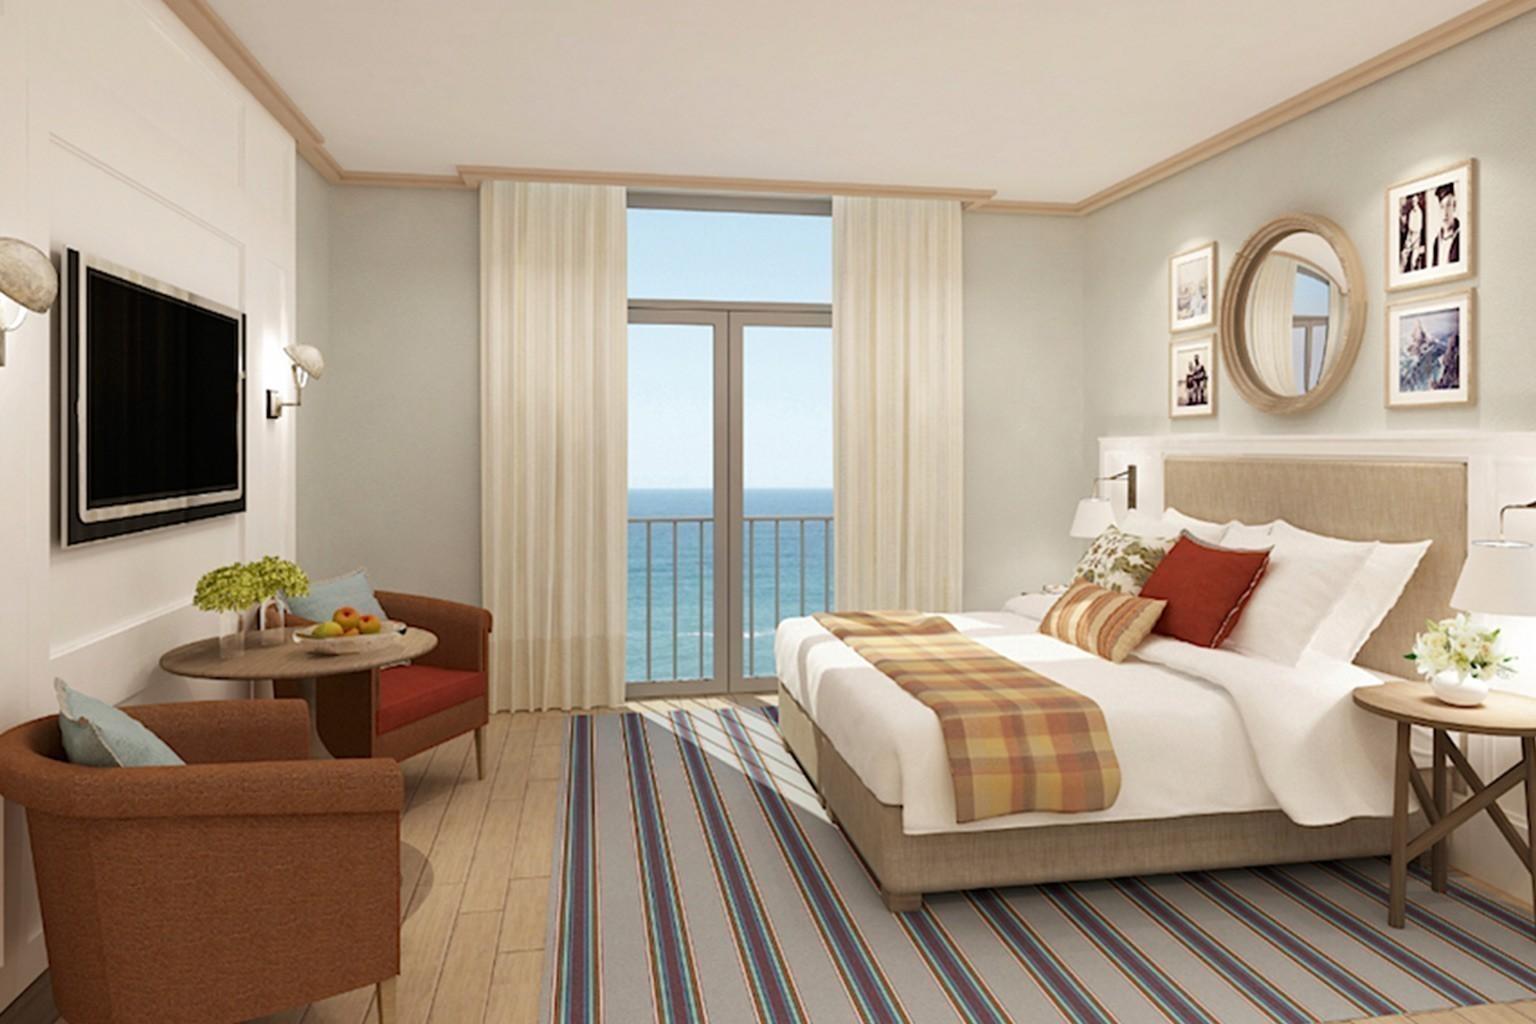 Strand hotel swakopmund luxushotel designreisen for Design strandhotels